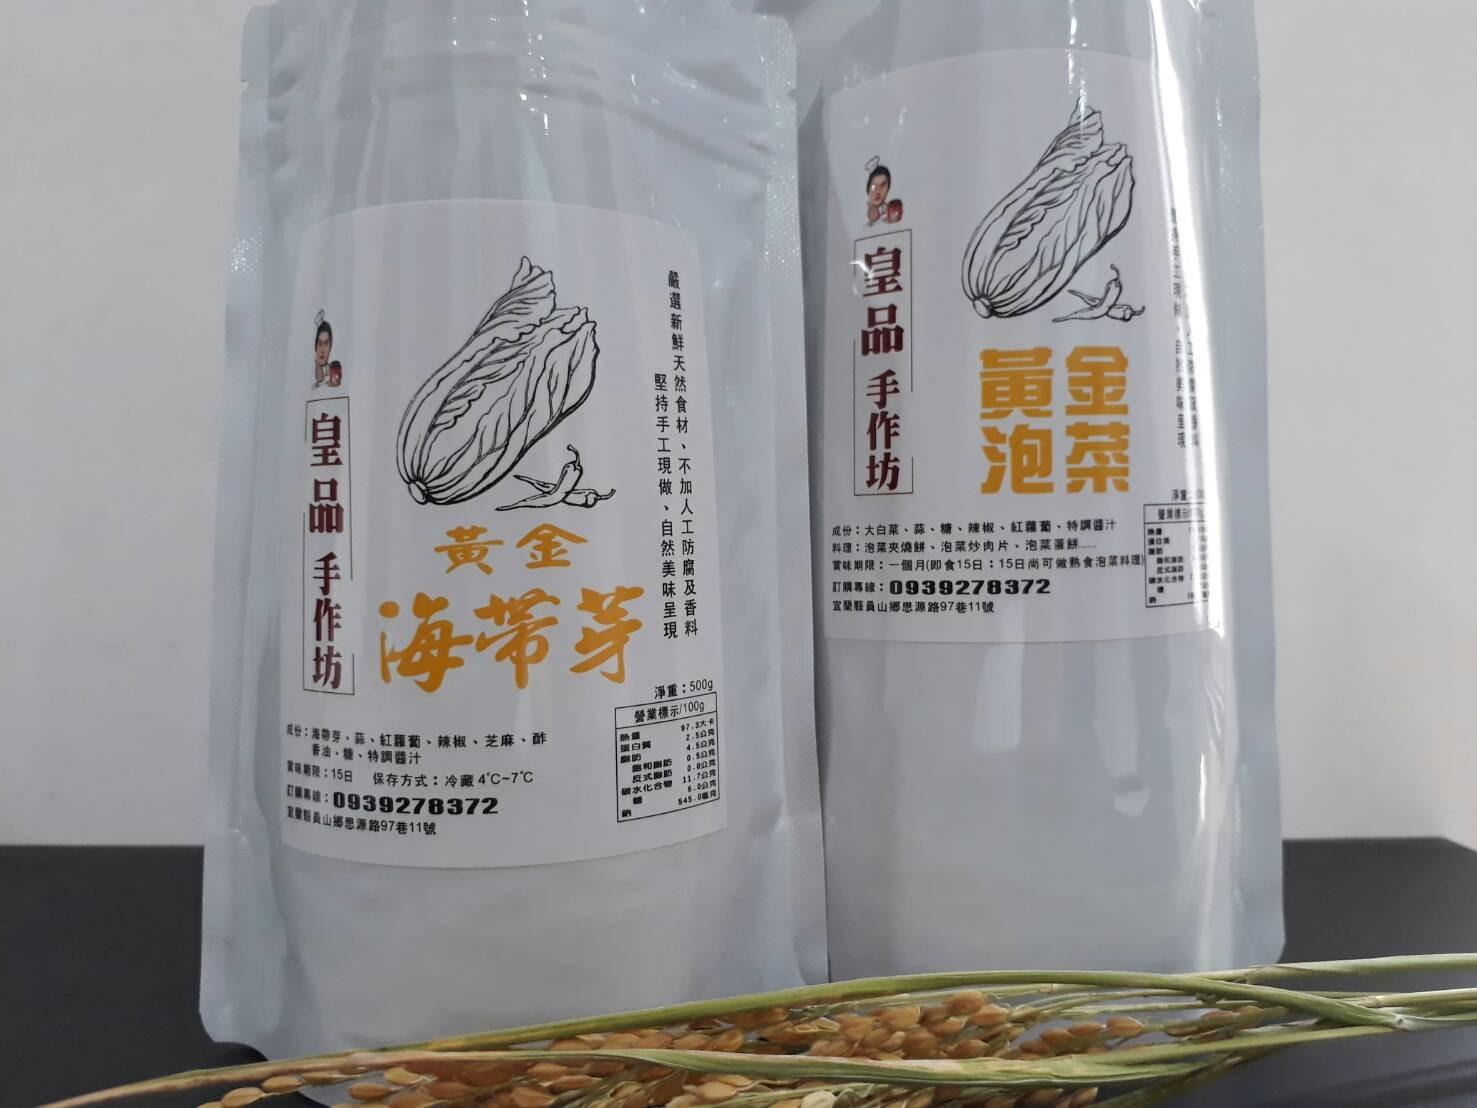 【皇品手作坊】黃金泡菜&黃金海帶芽\優惠組合各一包特價$290